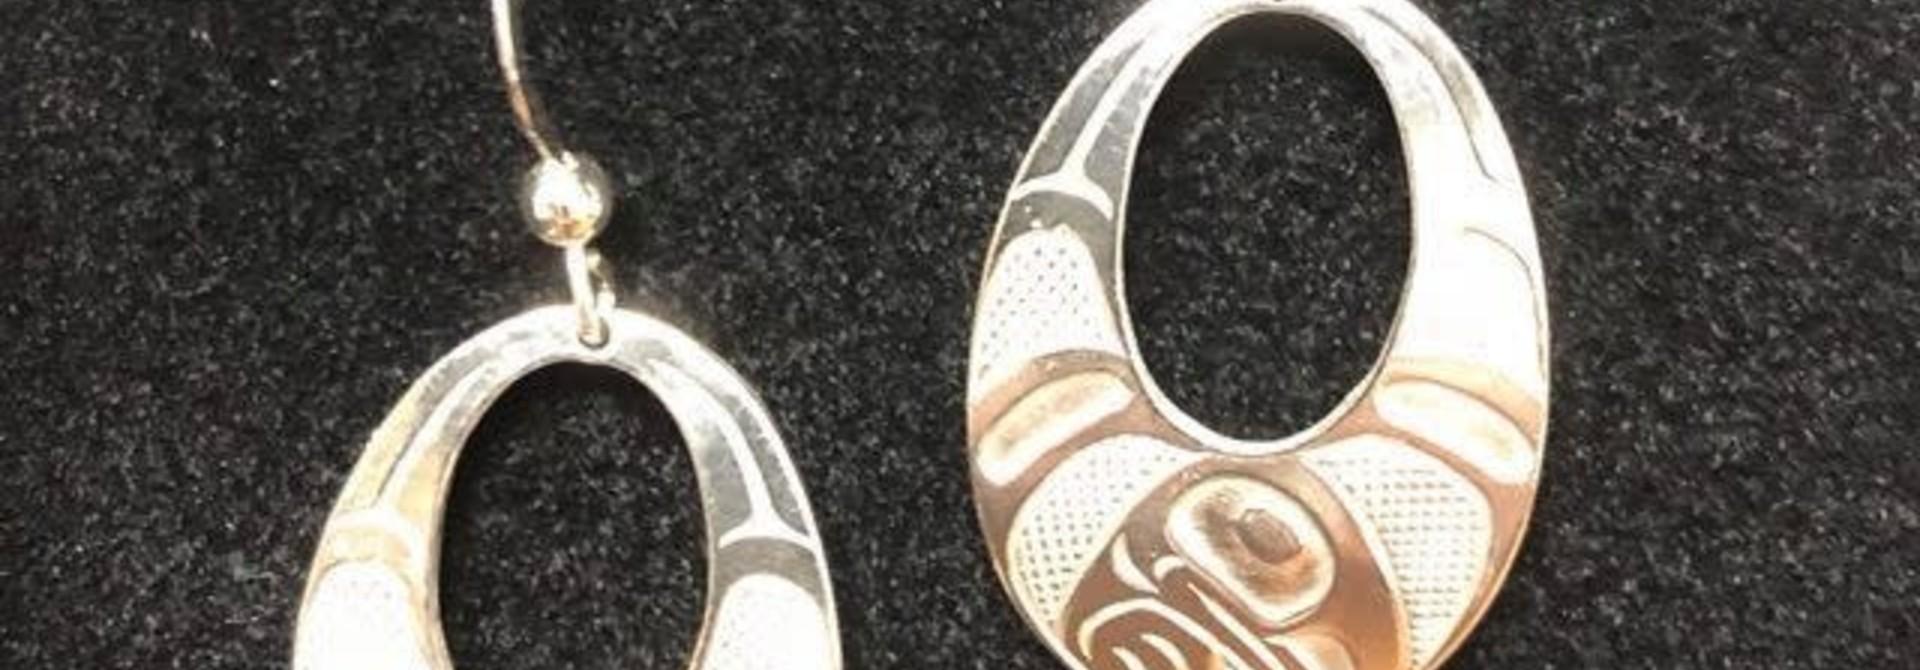 Silver Pewter Earrings -Raven Wings by Bill Helin